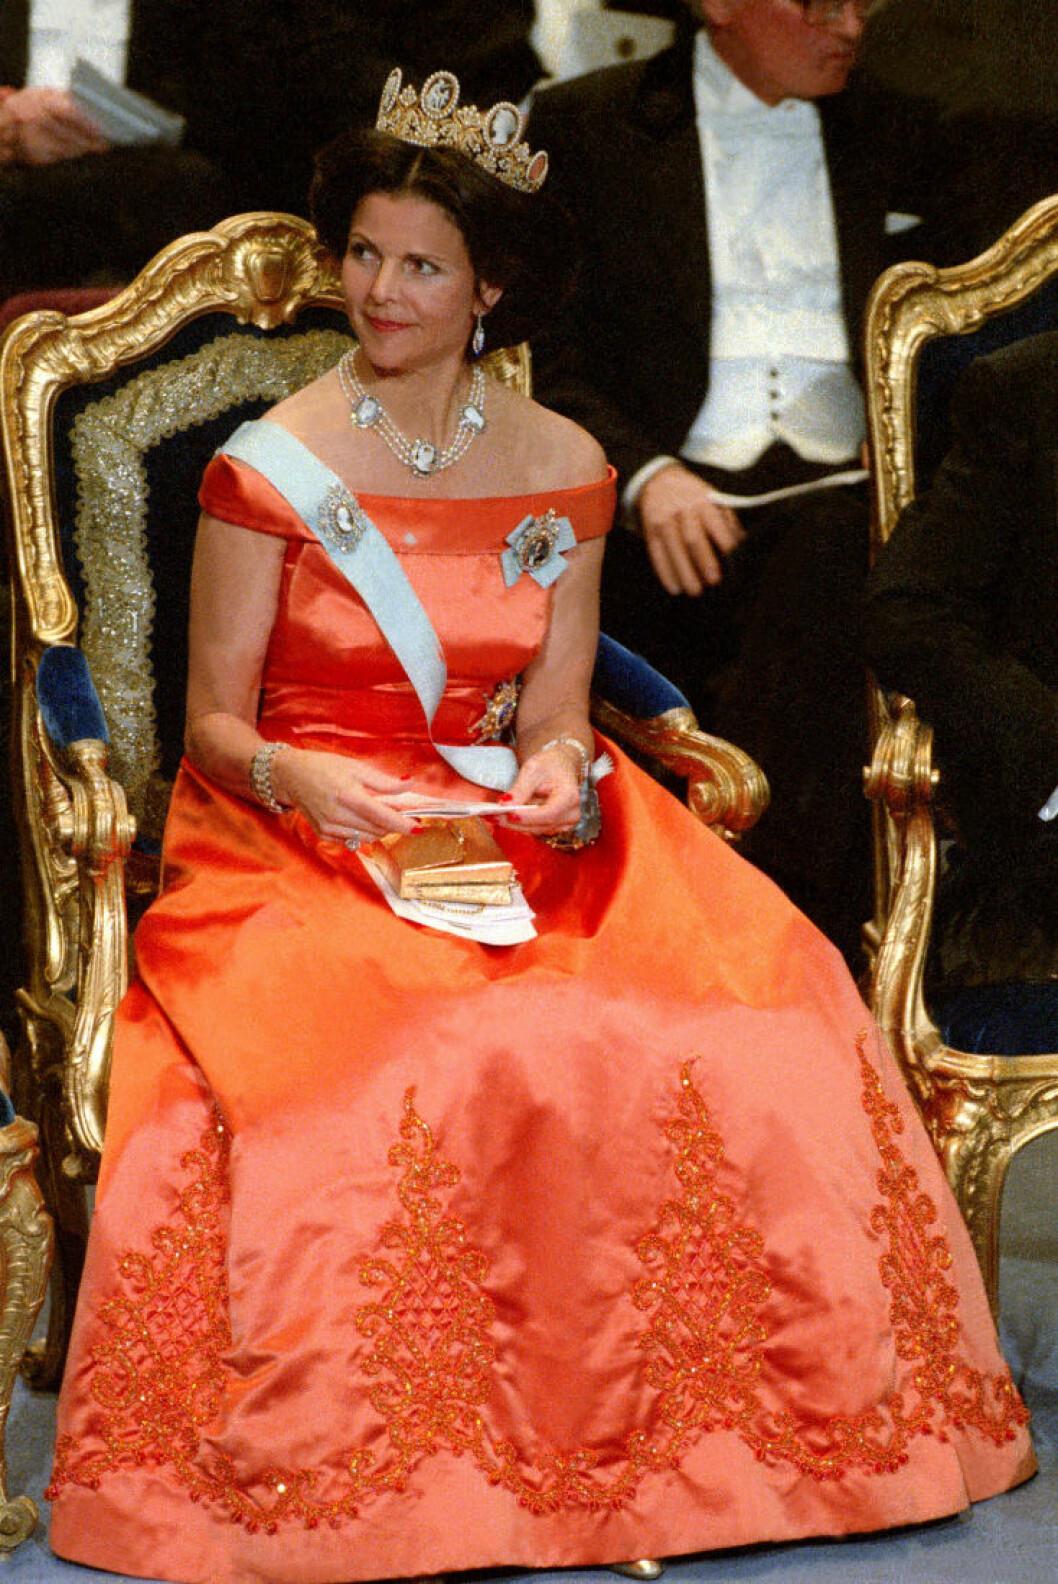 Drottning Silvia 1992 i klänning Signerad Jörgen Bender